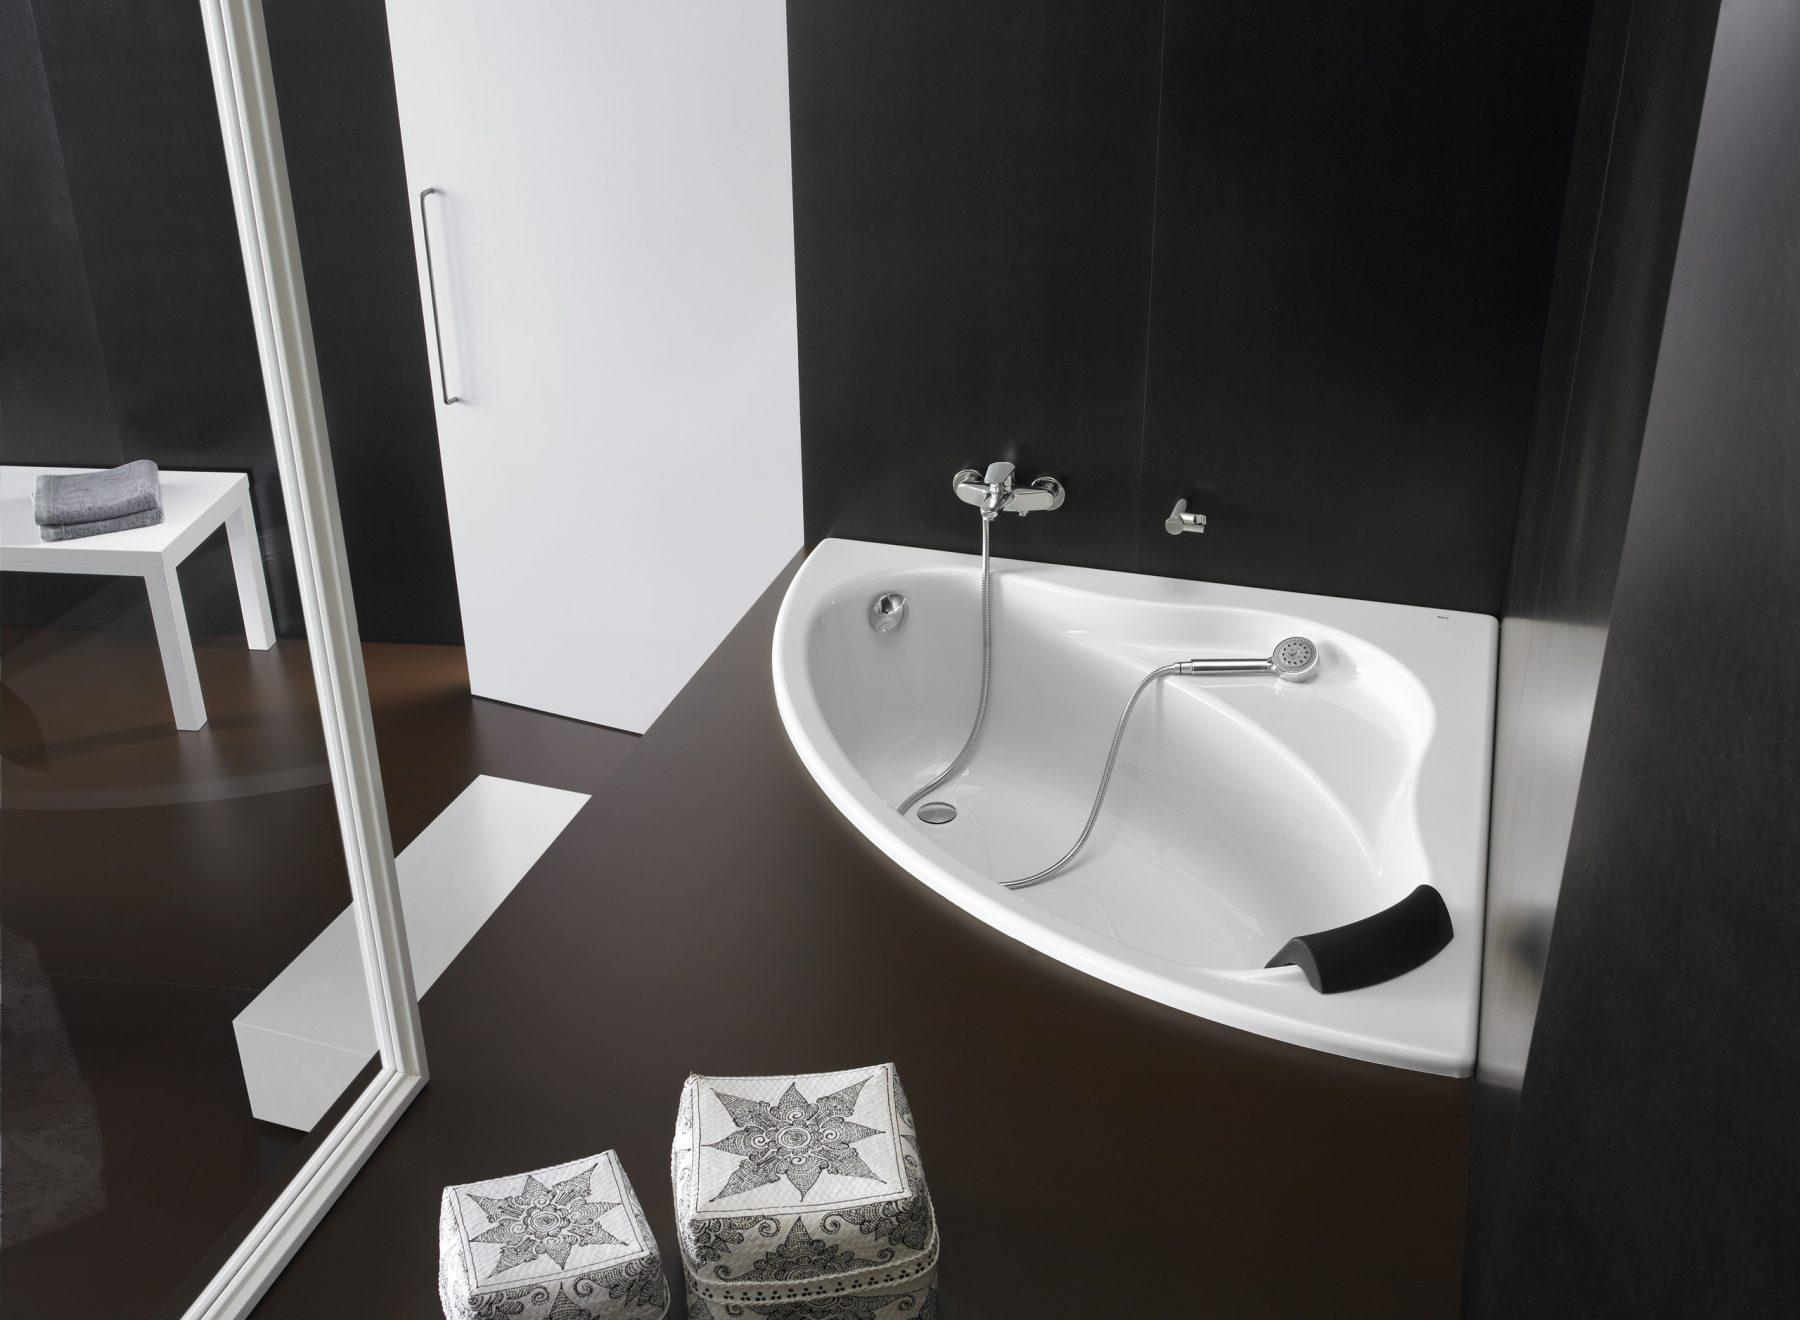 baignoire d 39 angle pour salle de bains bali de roca. Black Bedroom Furniture Sets. Home Design Ideas